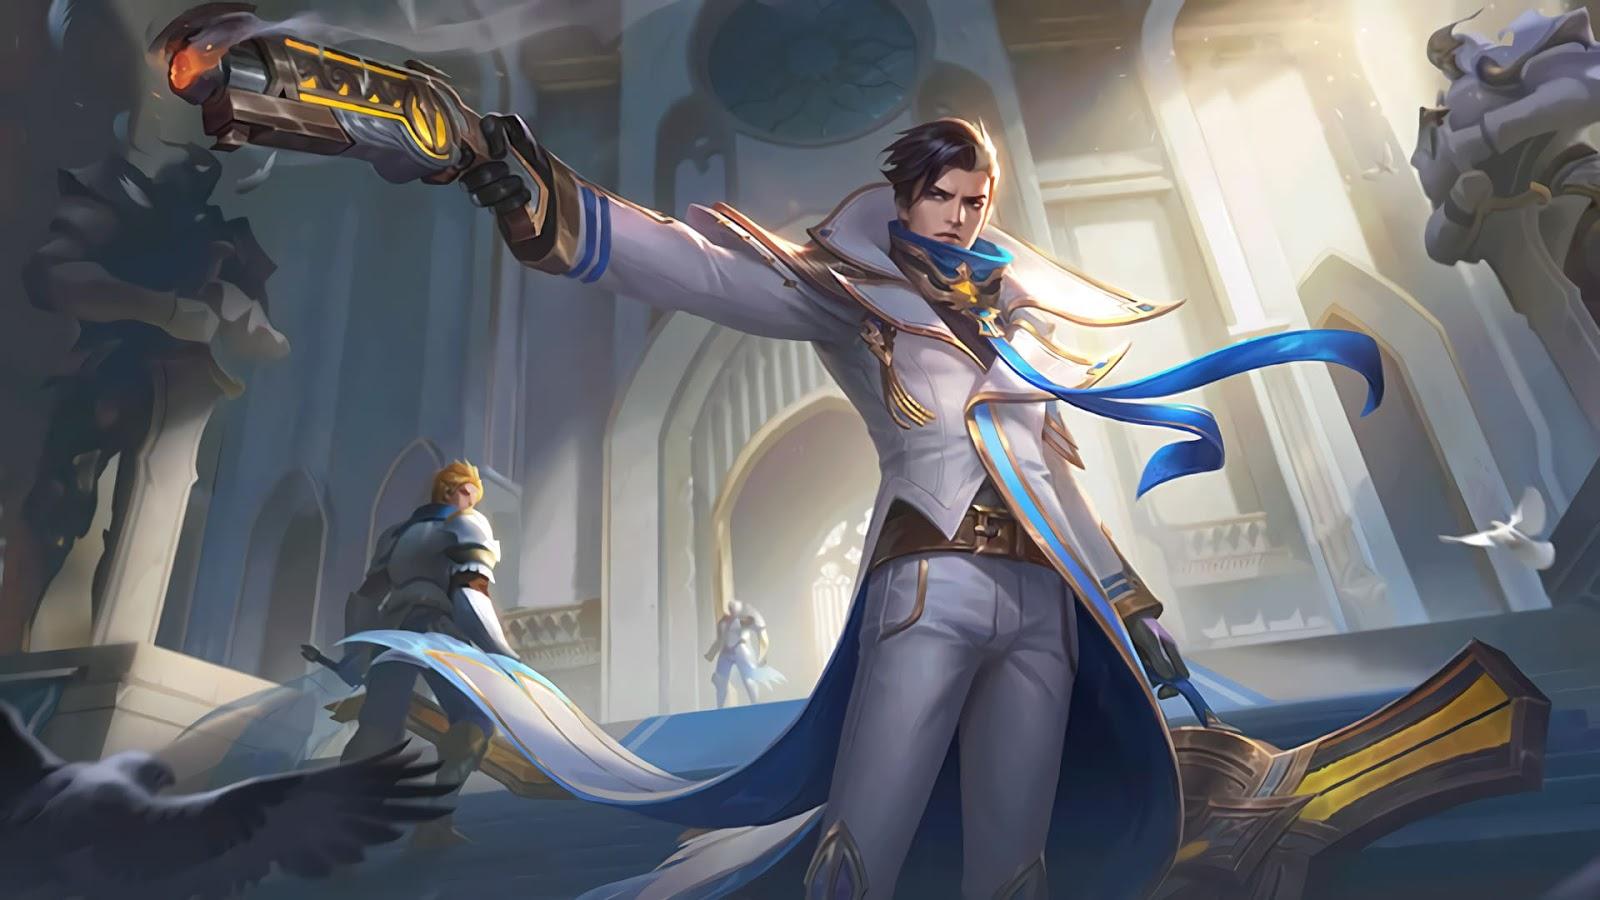 Wallpaper Granger Lightborn Overrider Skin Mobile Legends HD for PC